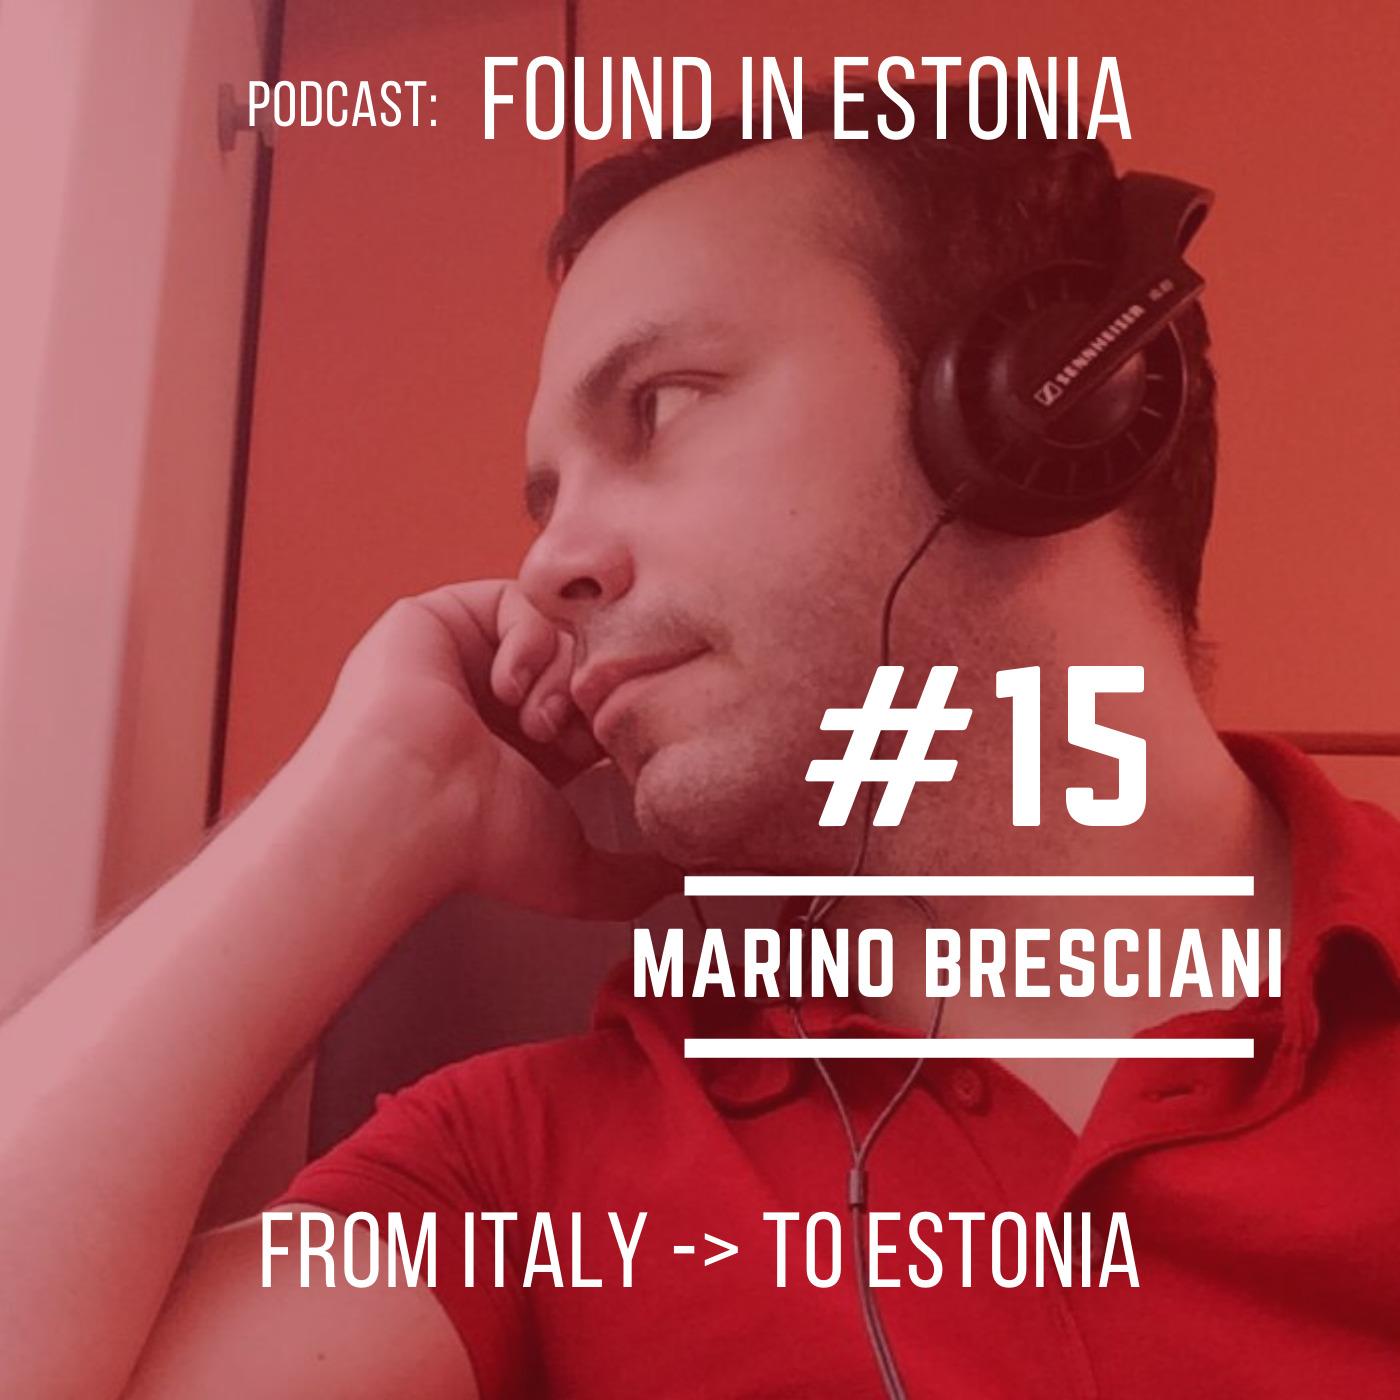 #15 Marino Bresciani from Italy to Estonia